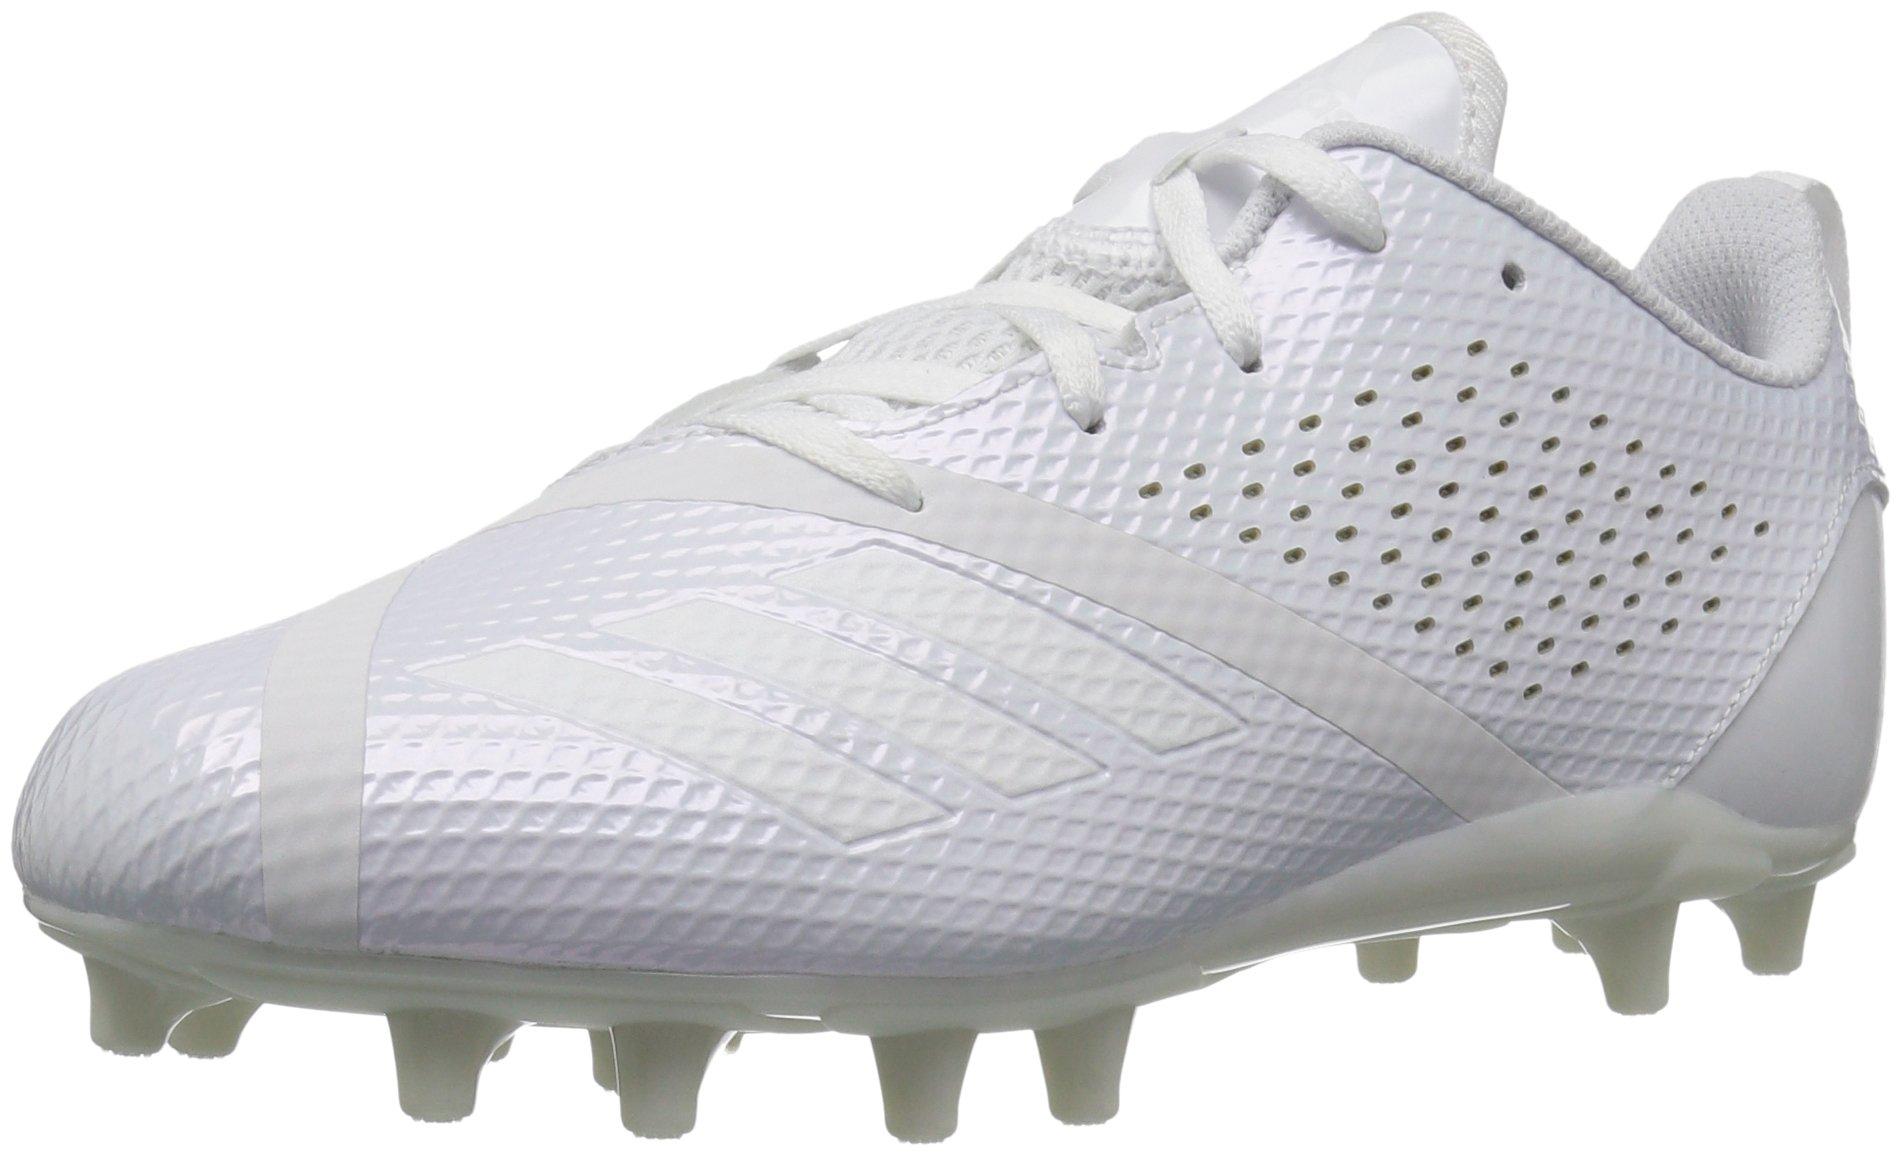 adidas Boys' Adizero 5.5 Star 7.0 Football Shoe, White, 3.5 M US Big Kid